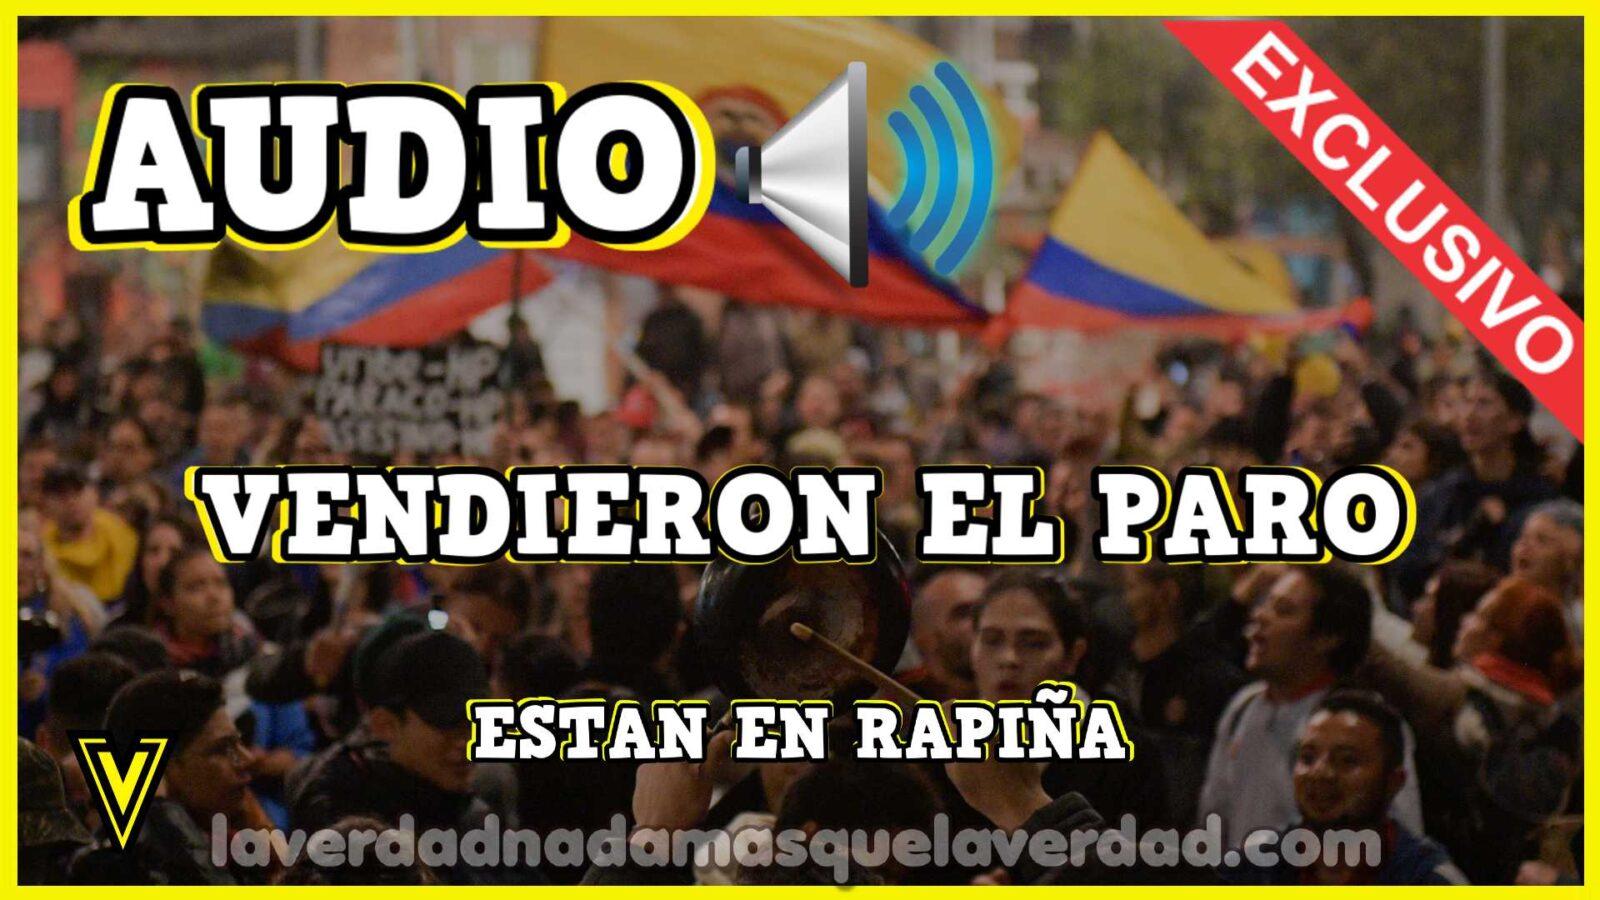 ⭐️ AUDIO EXCLUSIVO DE LA VERDAD VENDIERON ⇨ EL PARO EN COLOMBIA